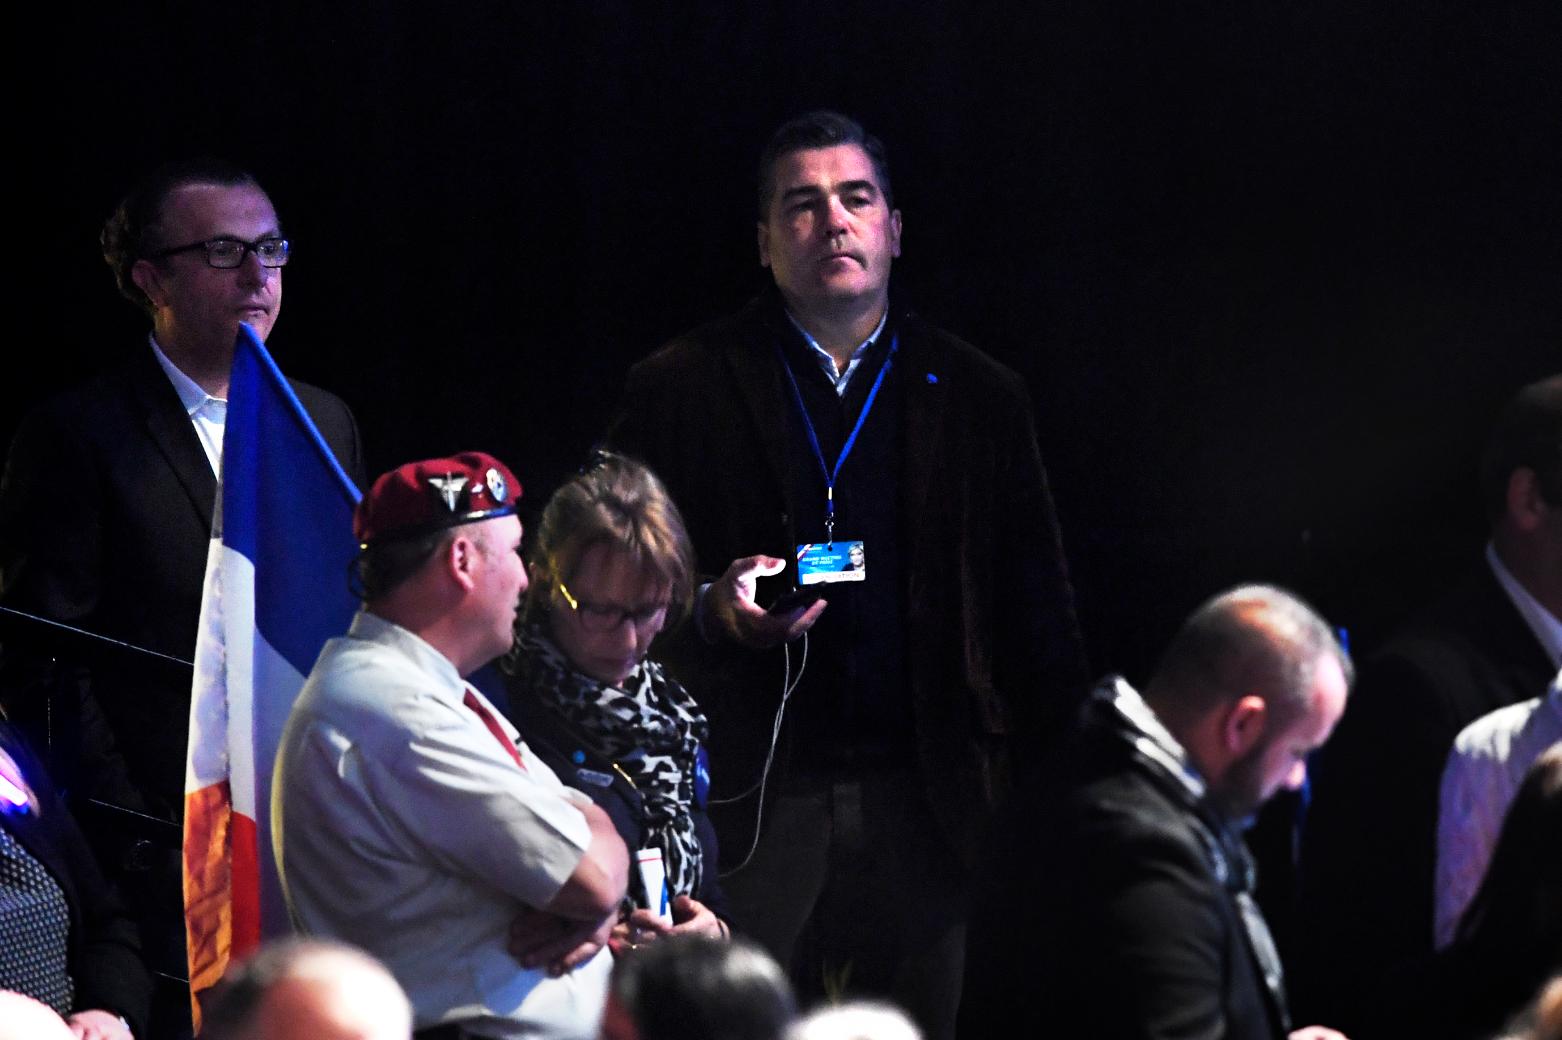 Французские СМИ называют Фредерика Шатийона (справа на заднем плане) ключевой фигурой в схемах Нацфронта